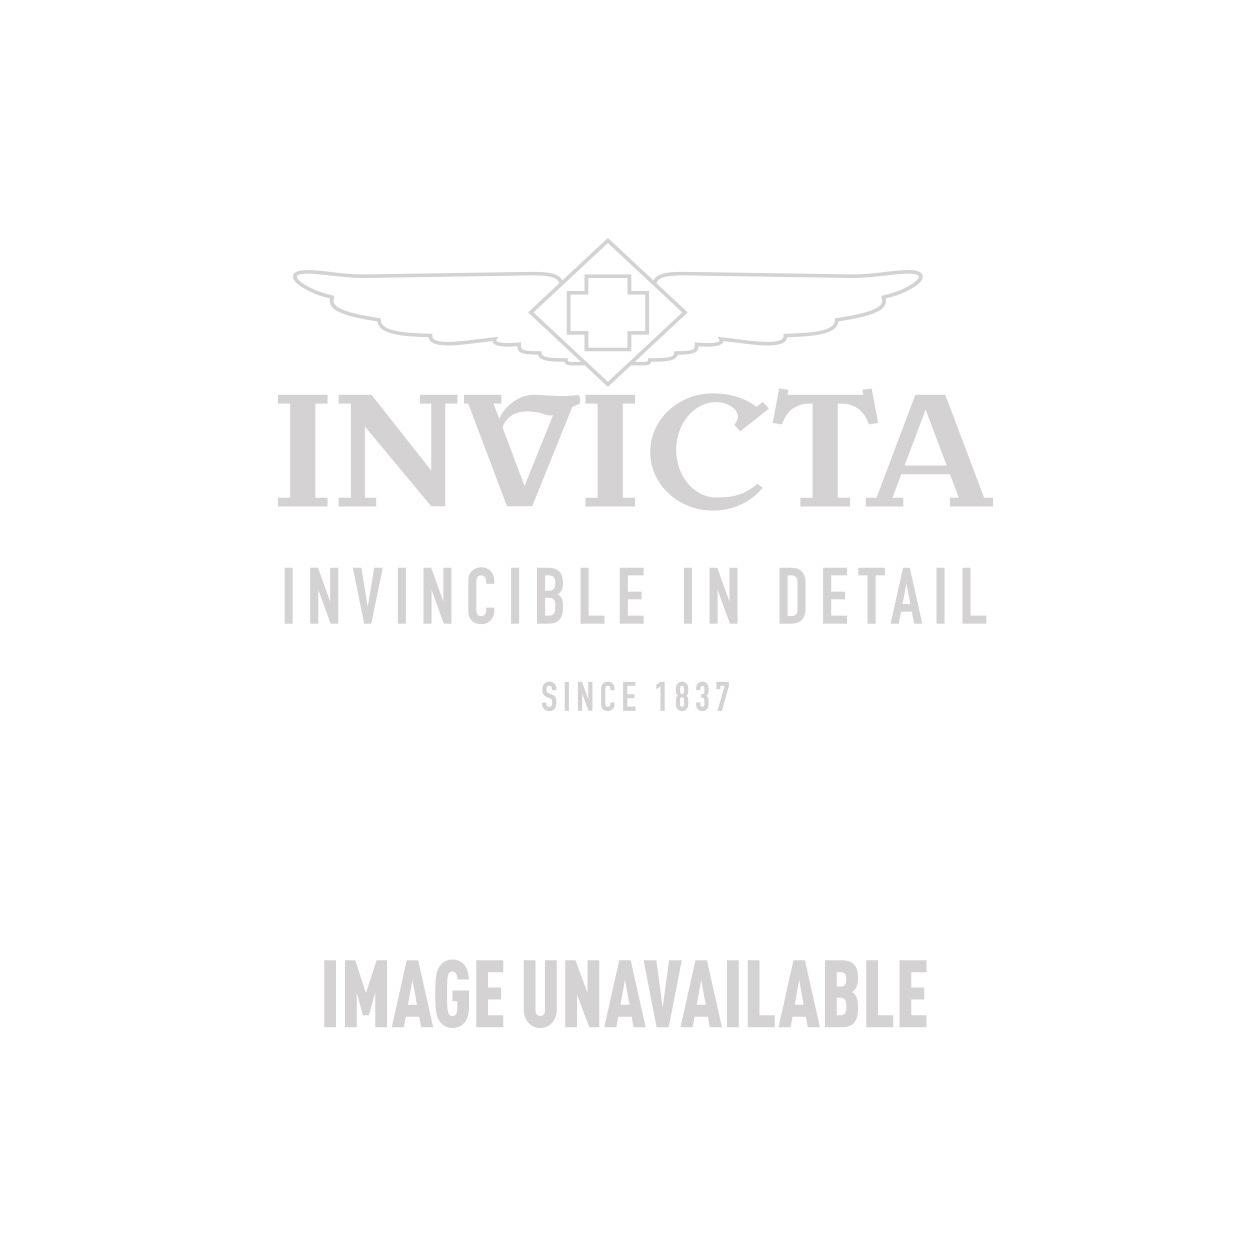 Invicta Model 24798